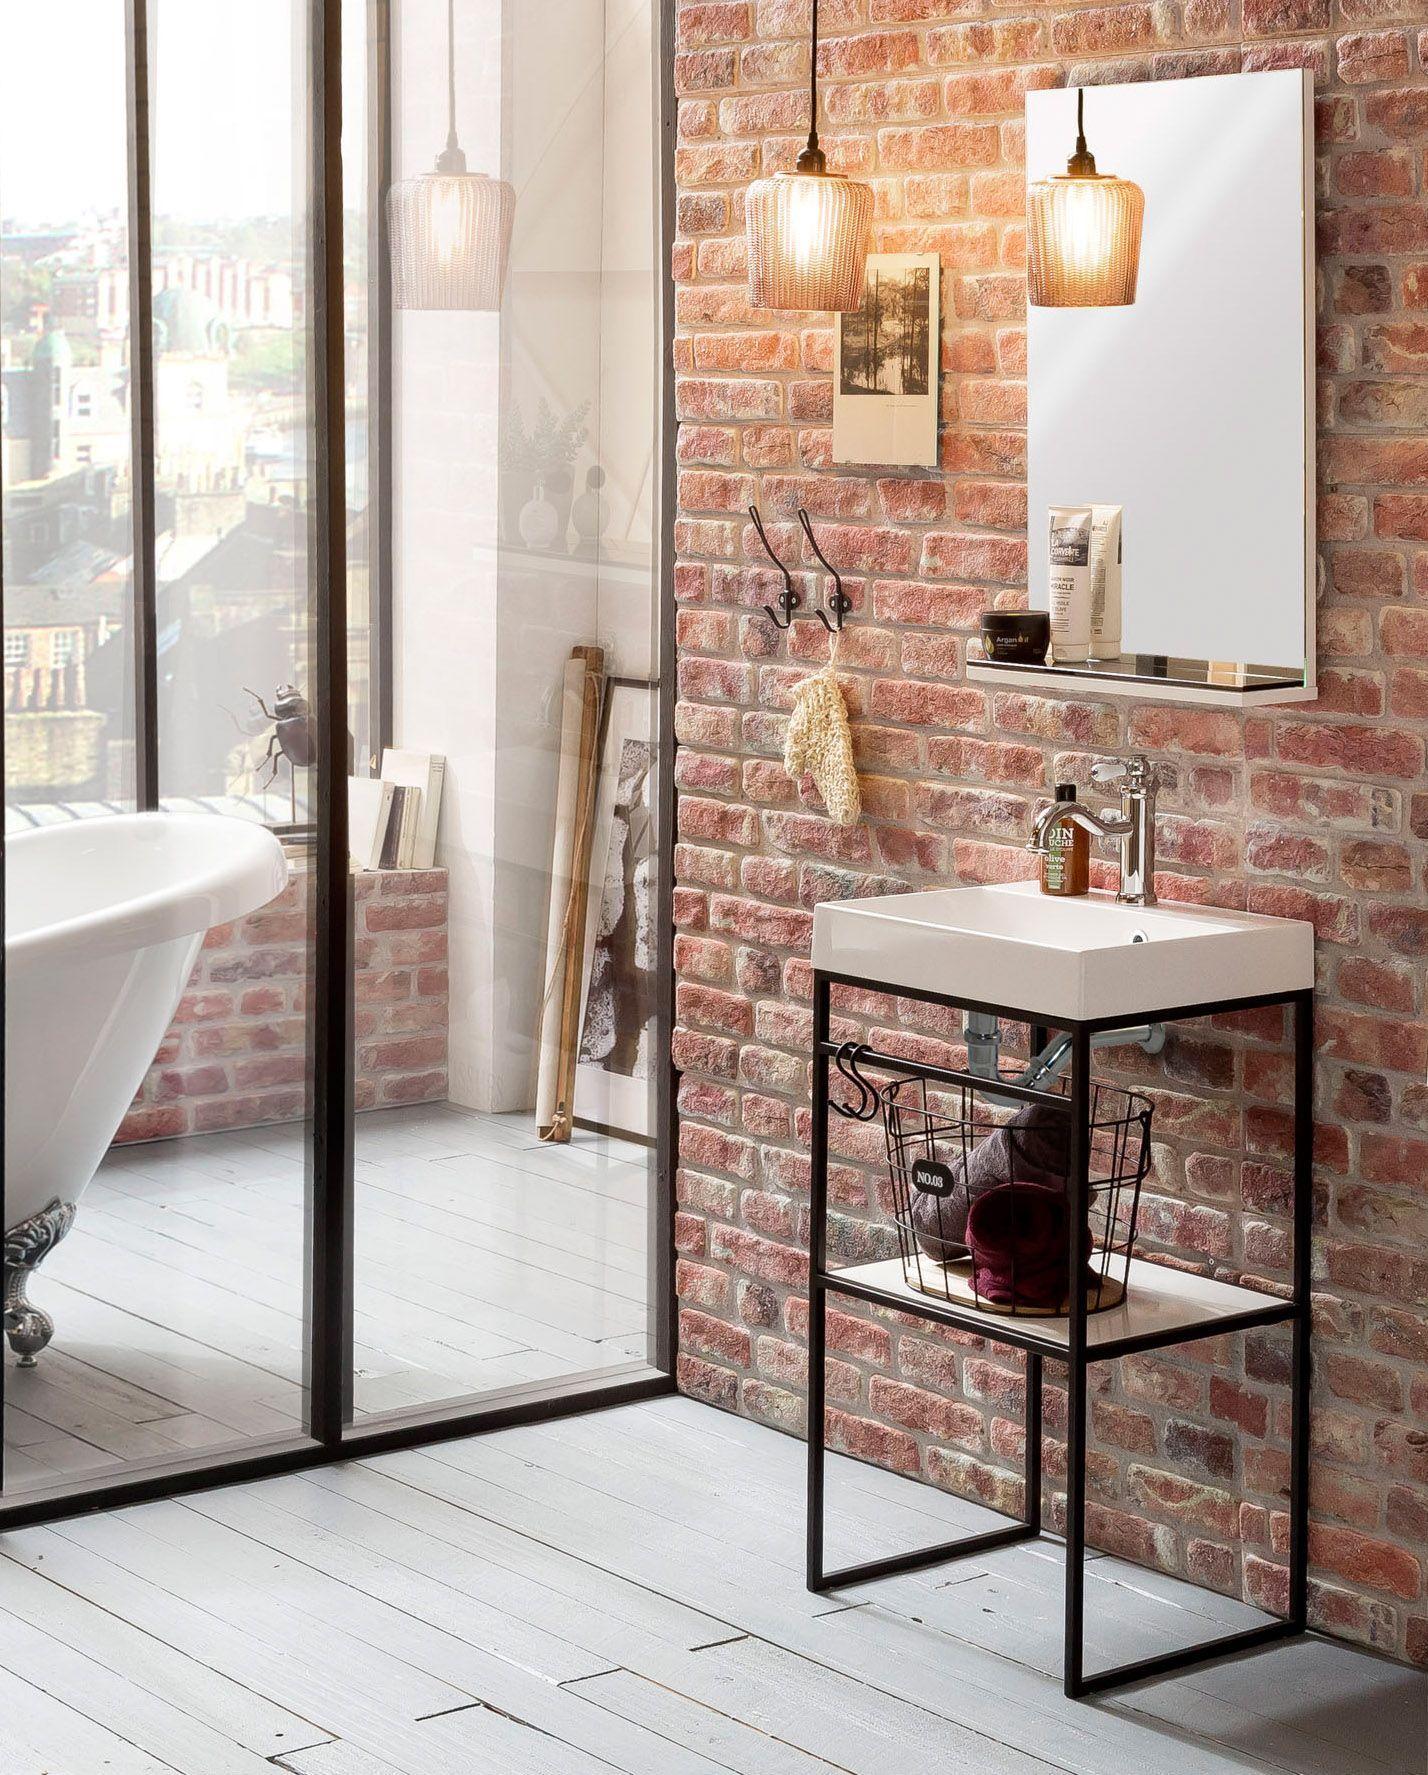 Badezimmerset Moris Waschtisch Klassische Badmobel Wandspiegel